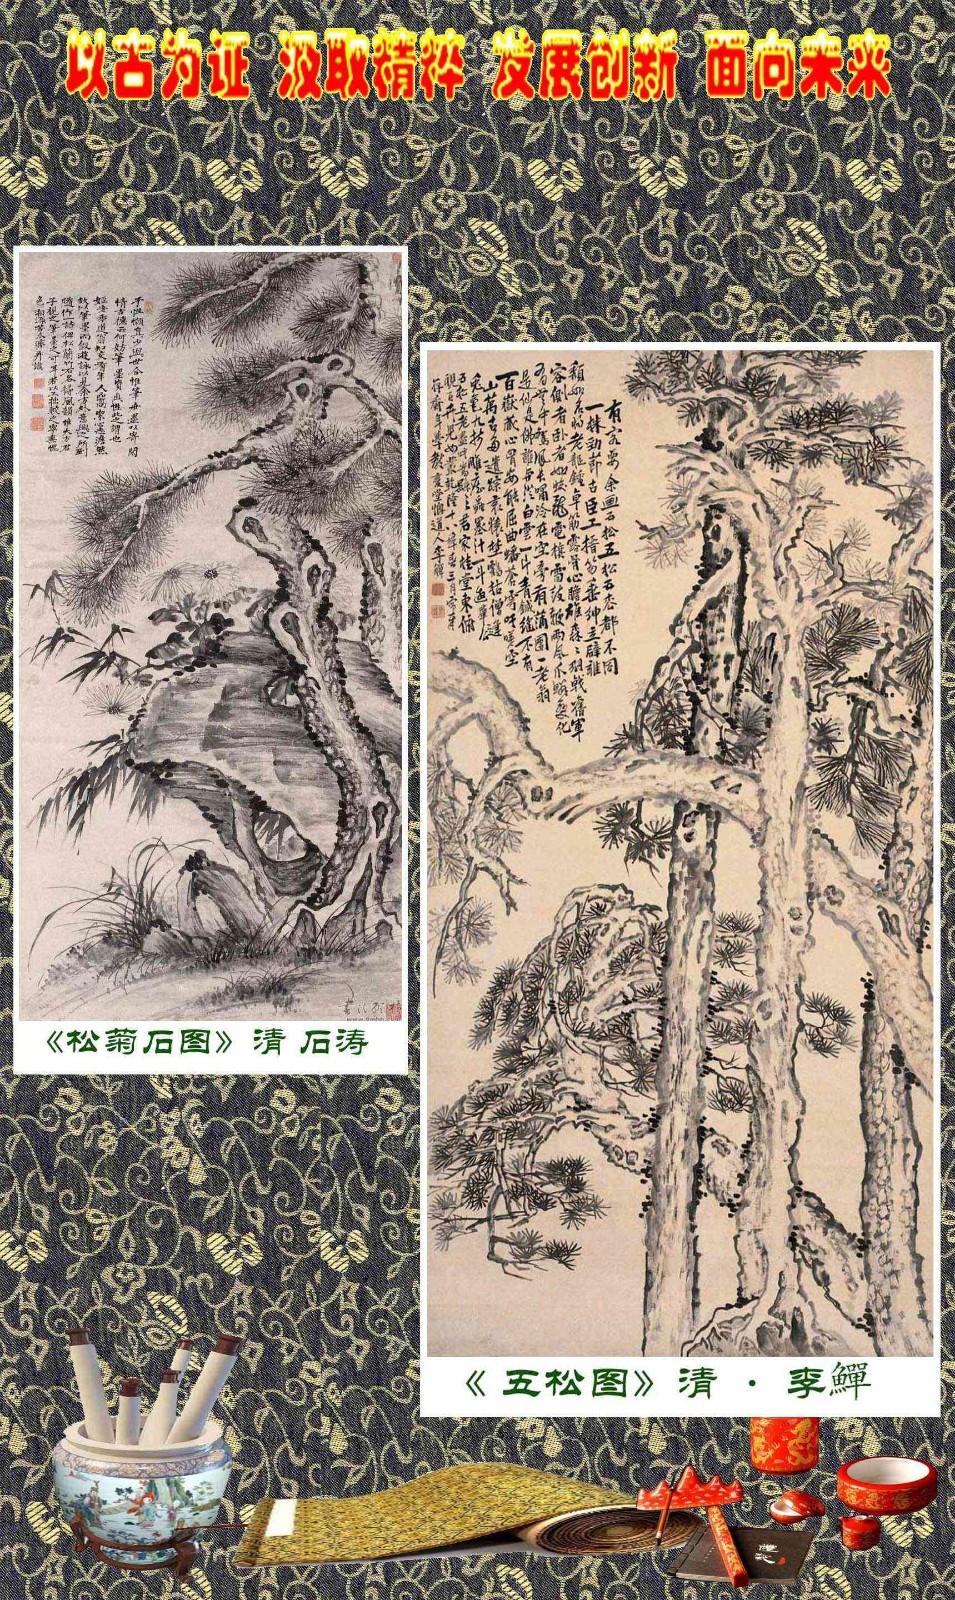 和而不同是常态 中华文明耀世界_图1-12